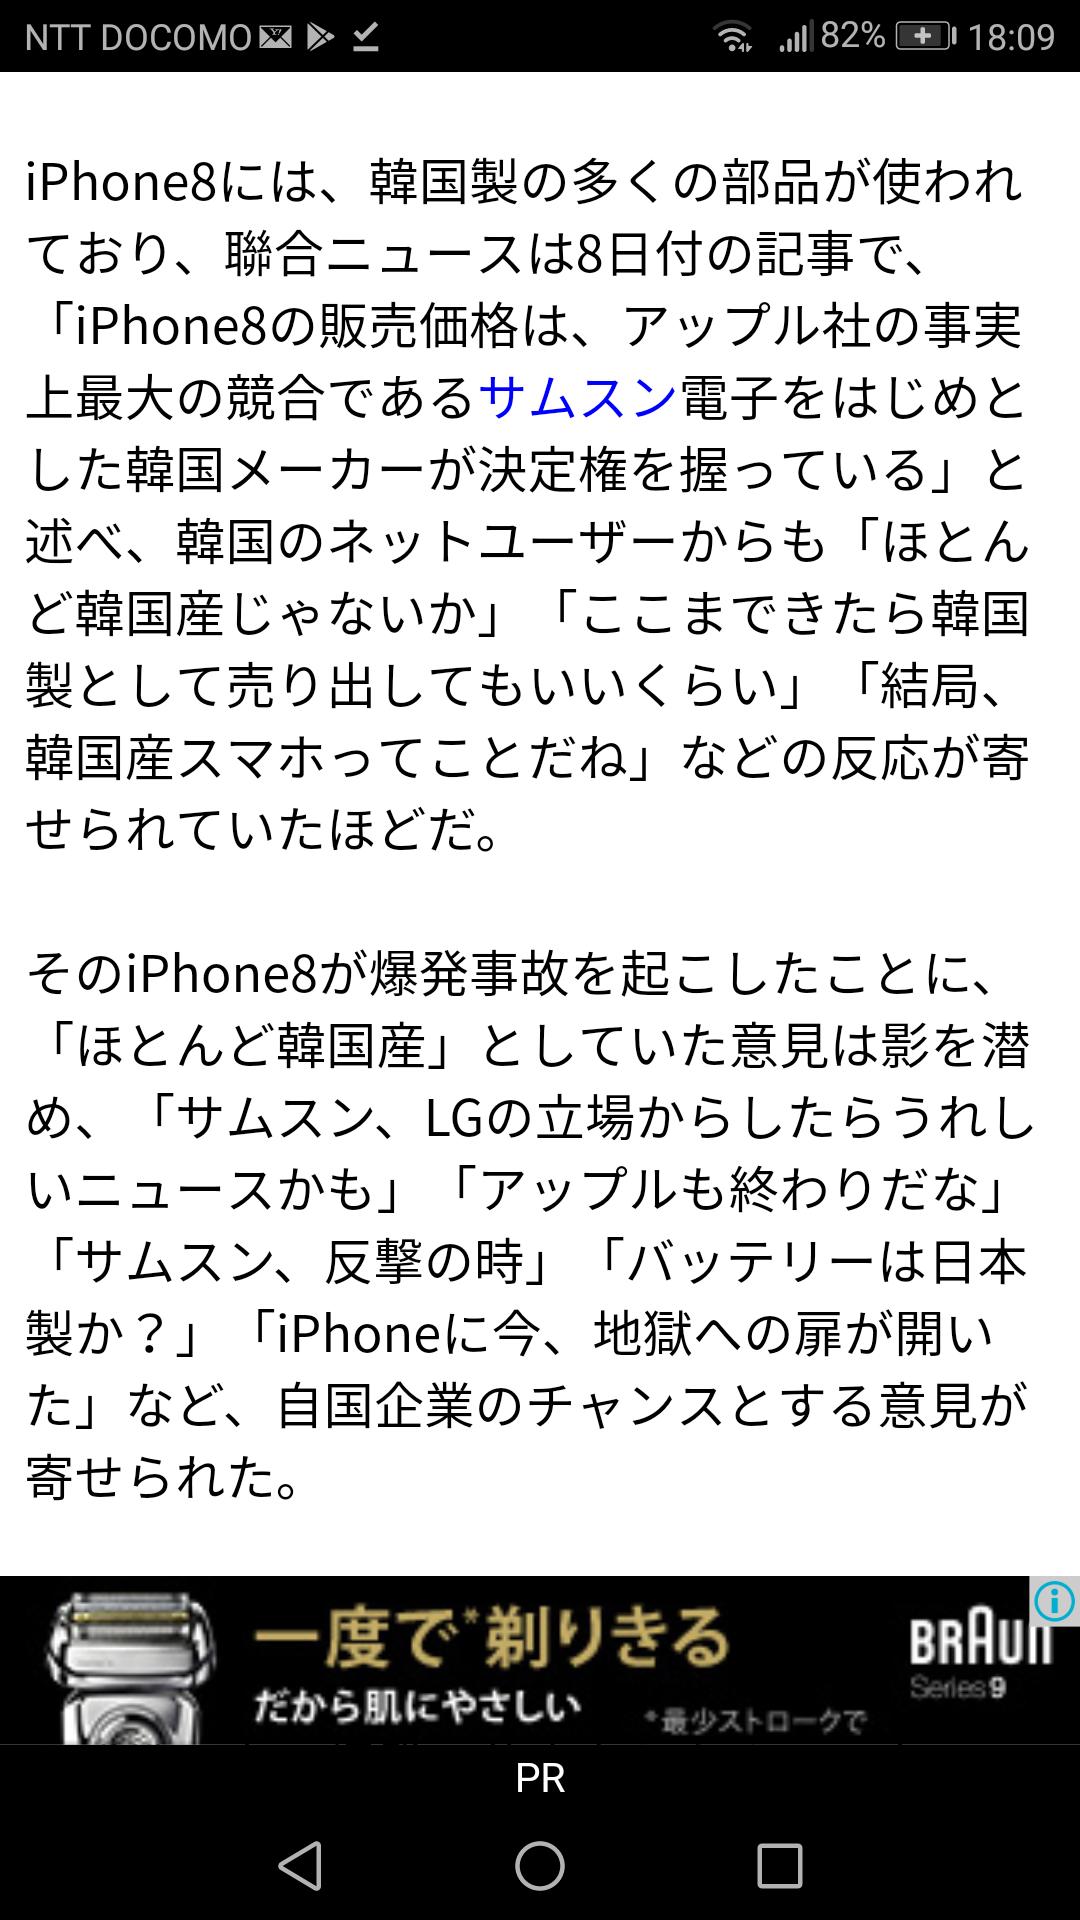 中高生のスマホ「iPhoneなら型落ちでも上機嫌」なのはなぜか「iPhoneじゃないと恥ずかしい」「仲間はずれにされちゃう」